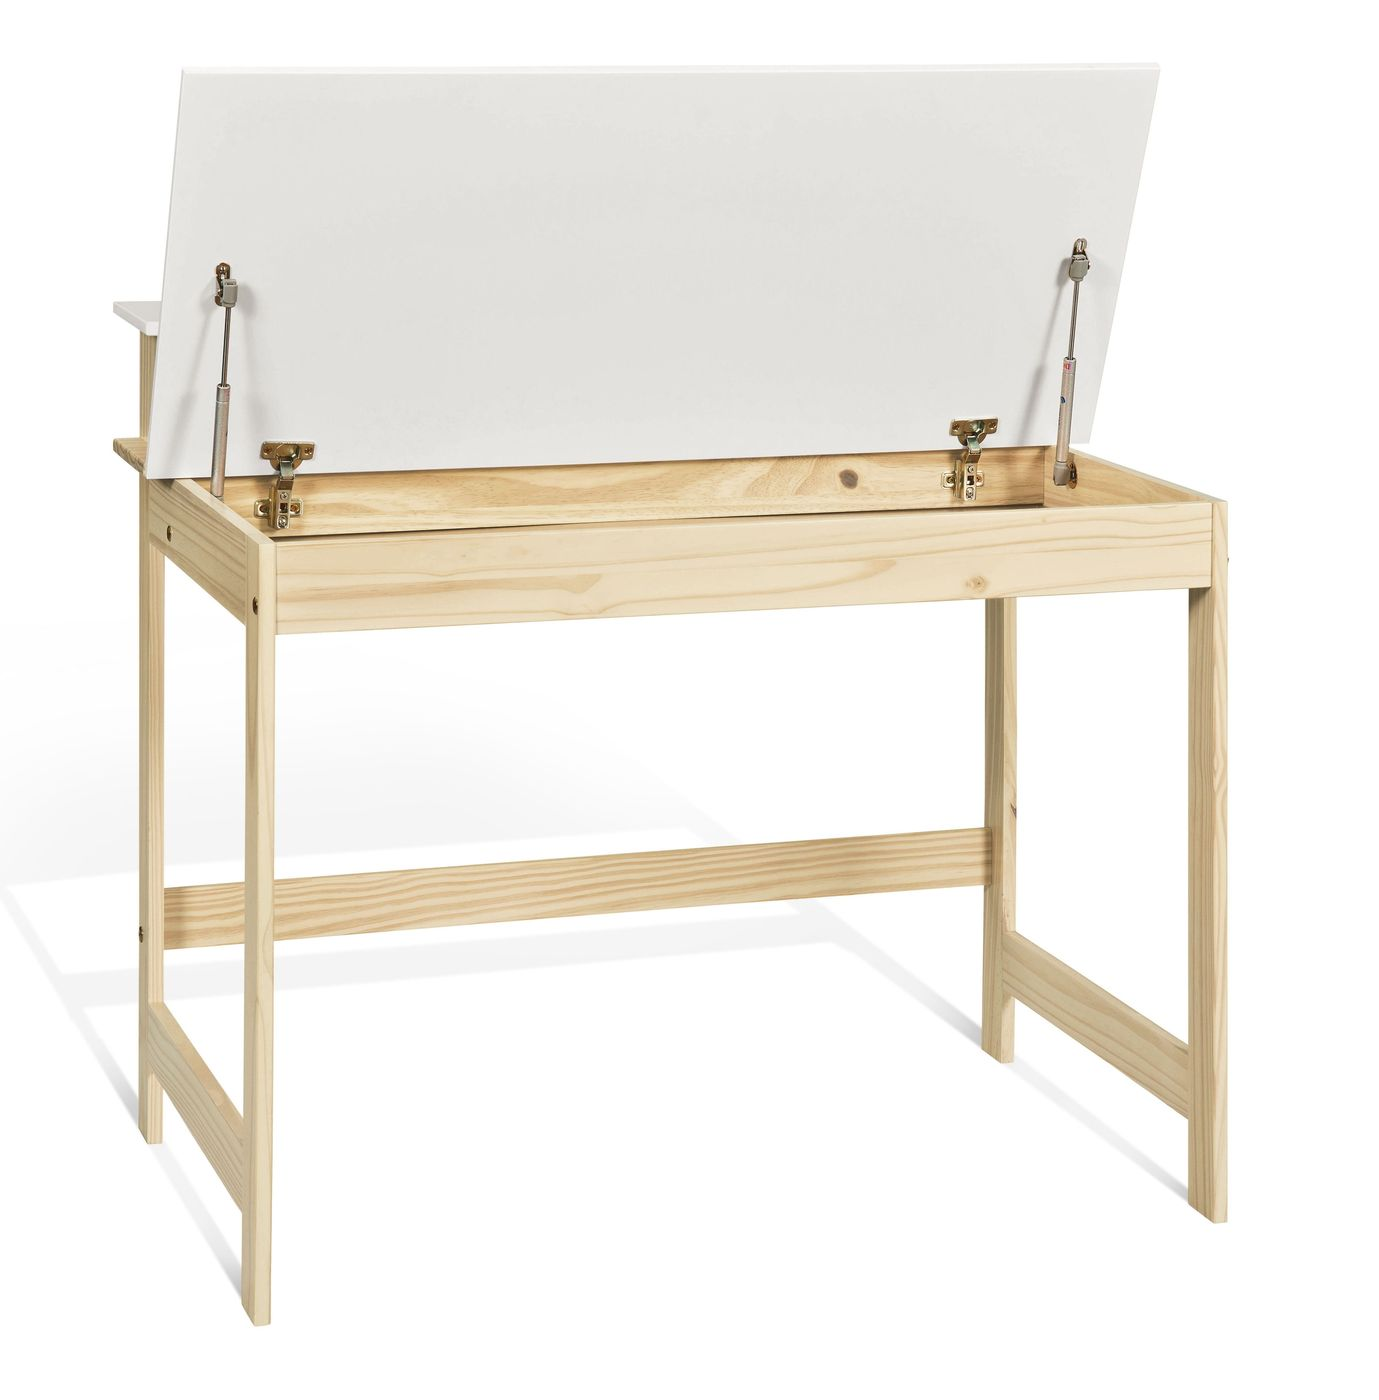 praktischer schreibtisch mit gro em ablagefach f r kinder. Black Bedroom Furniture Sets. Home Design Ideas